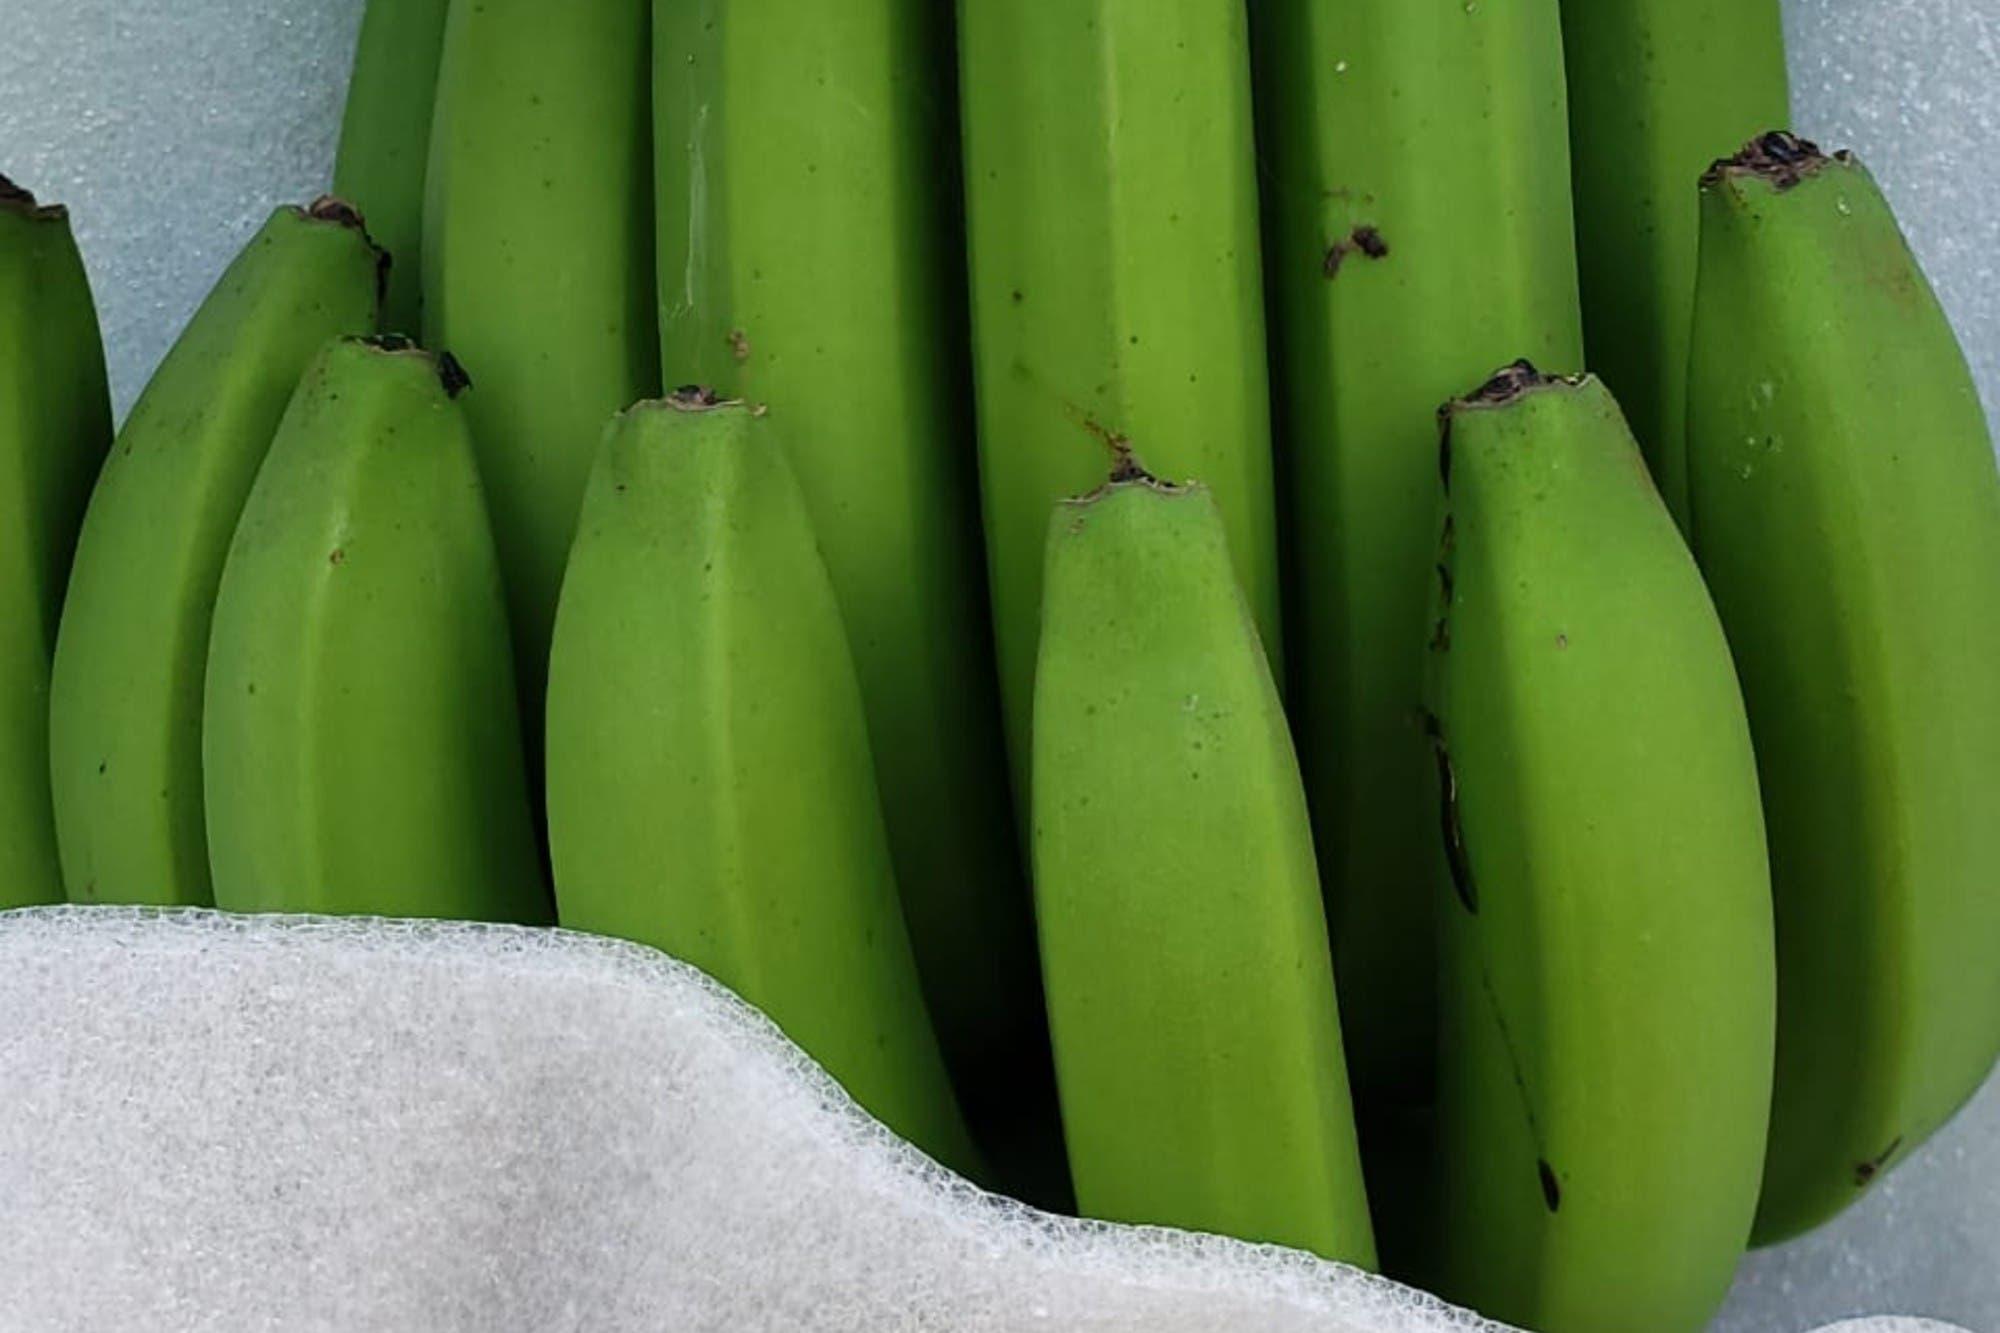 En Salta. Los hermanos que invirtieron US$6 millones para competir con las bananas del exterior